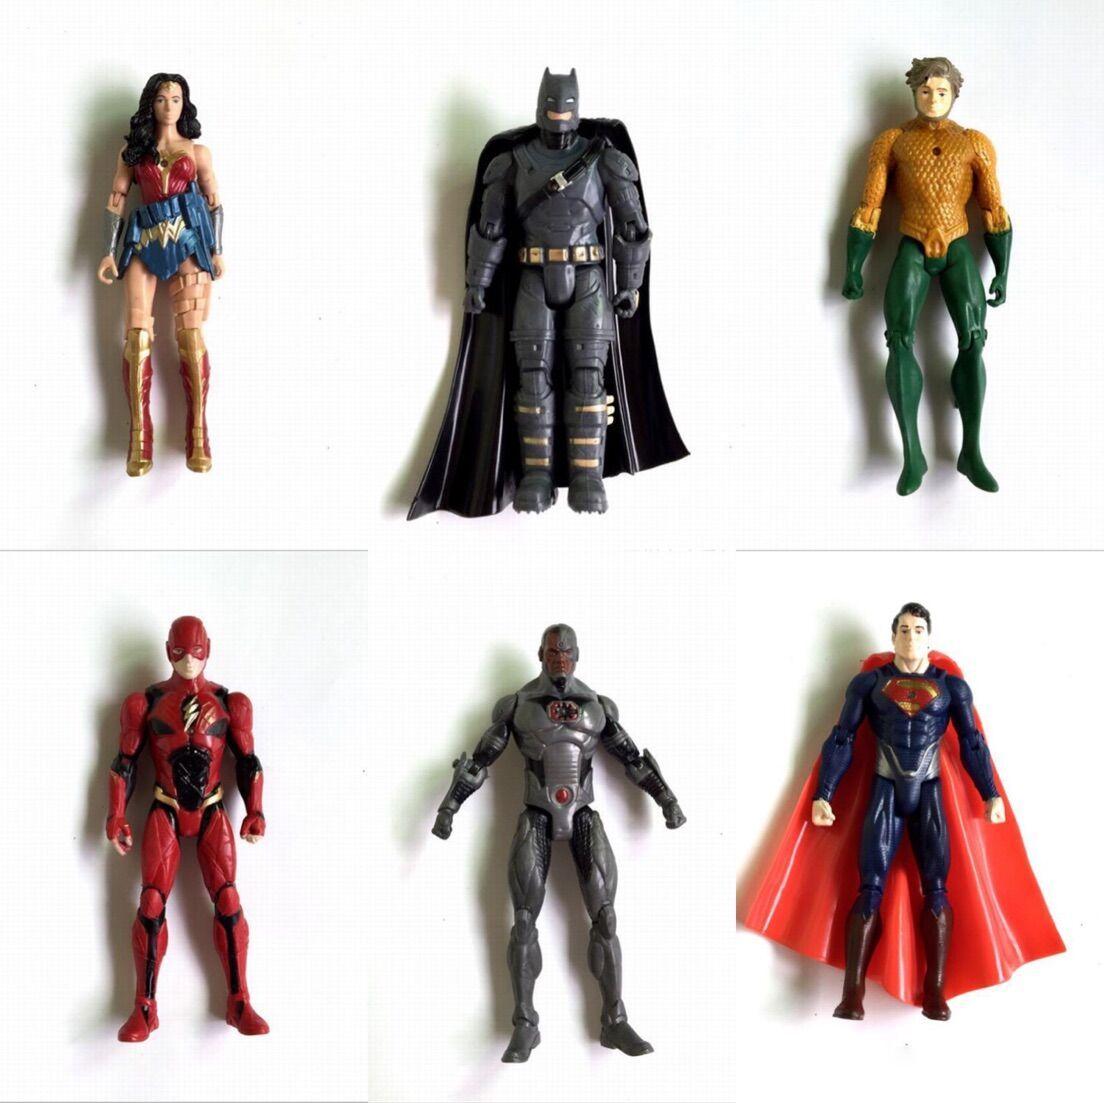 승격 Lot6pcs / set DC Comics Justice League 슈퍼 히어로 원더 우먼 The Flash Batman 6inch 액션 피규어 TV 컬렉션 집 이동